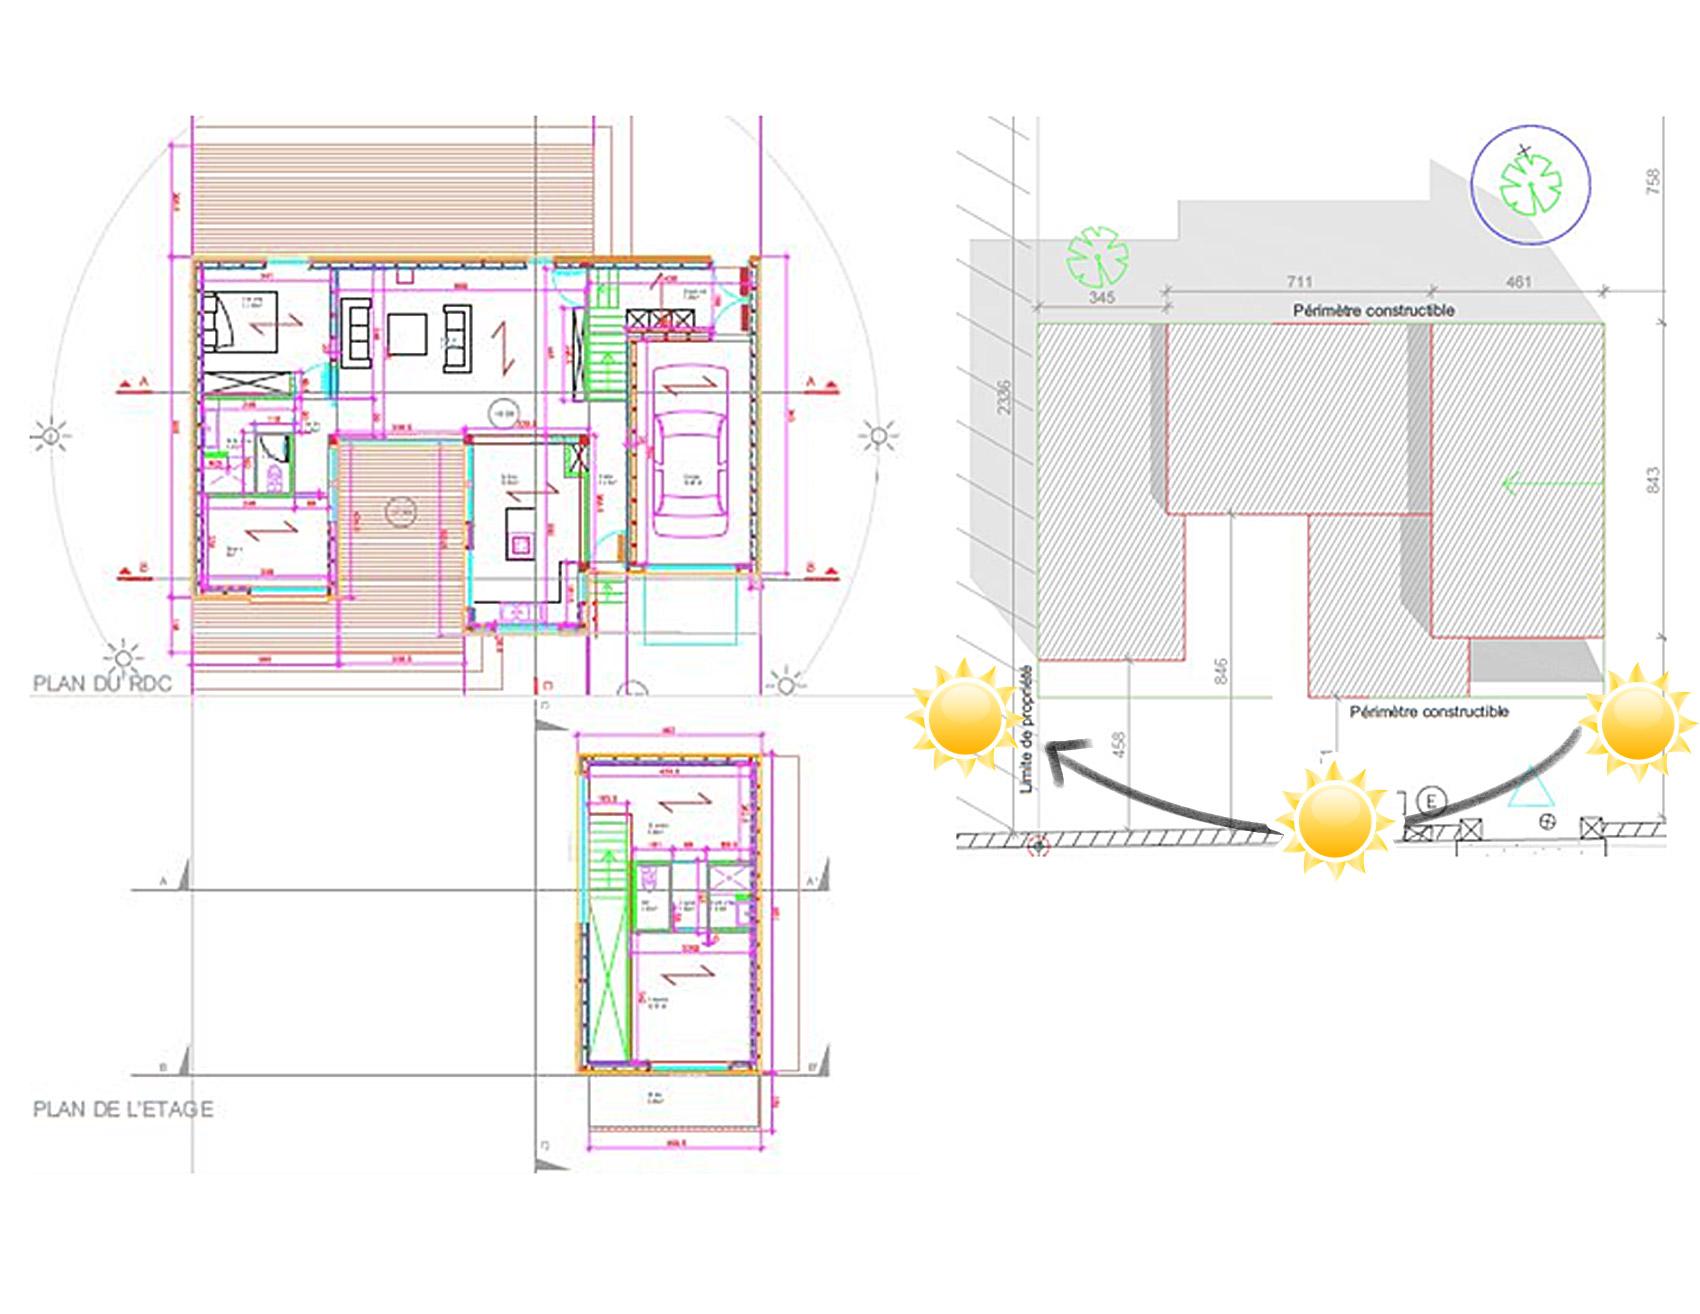 Maison ossature bois Pomponne -01